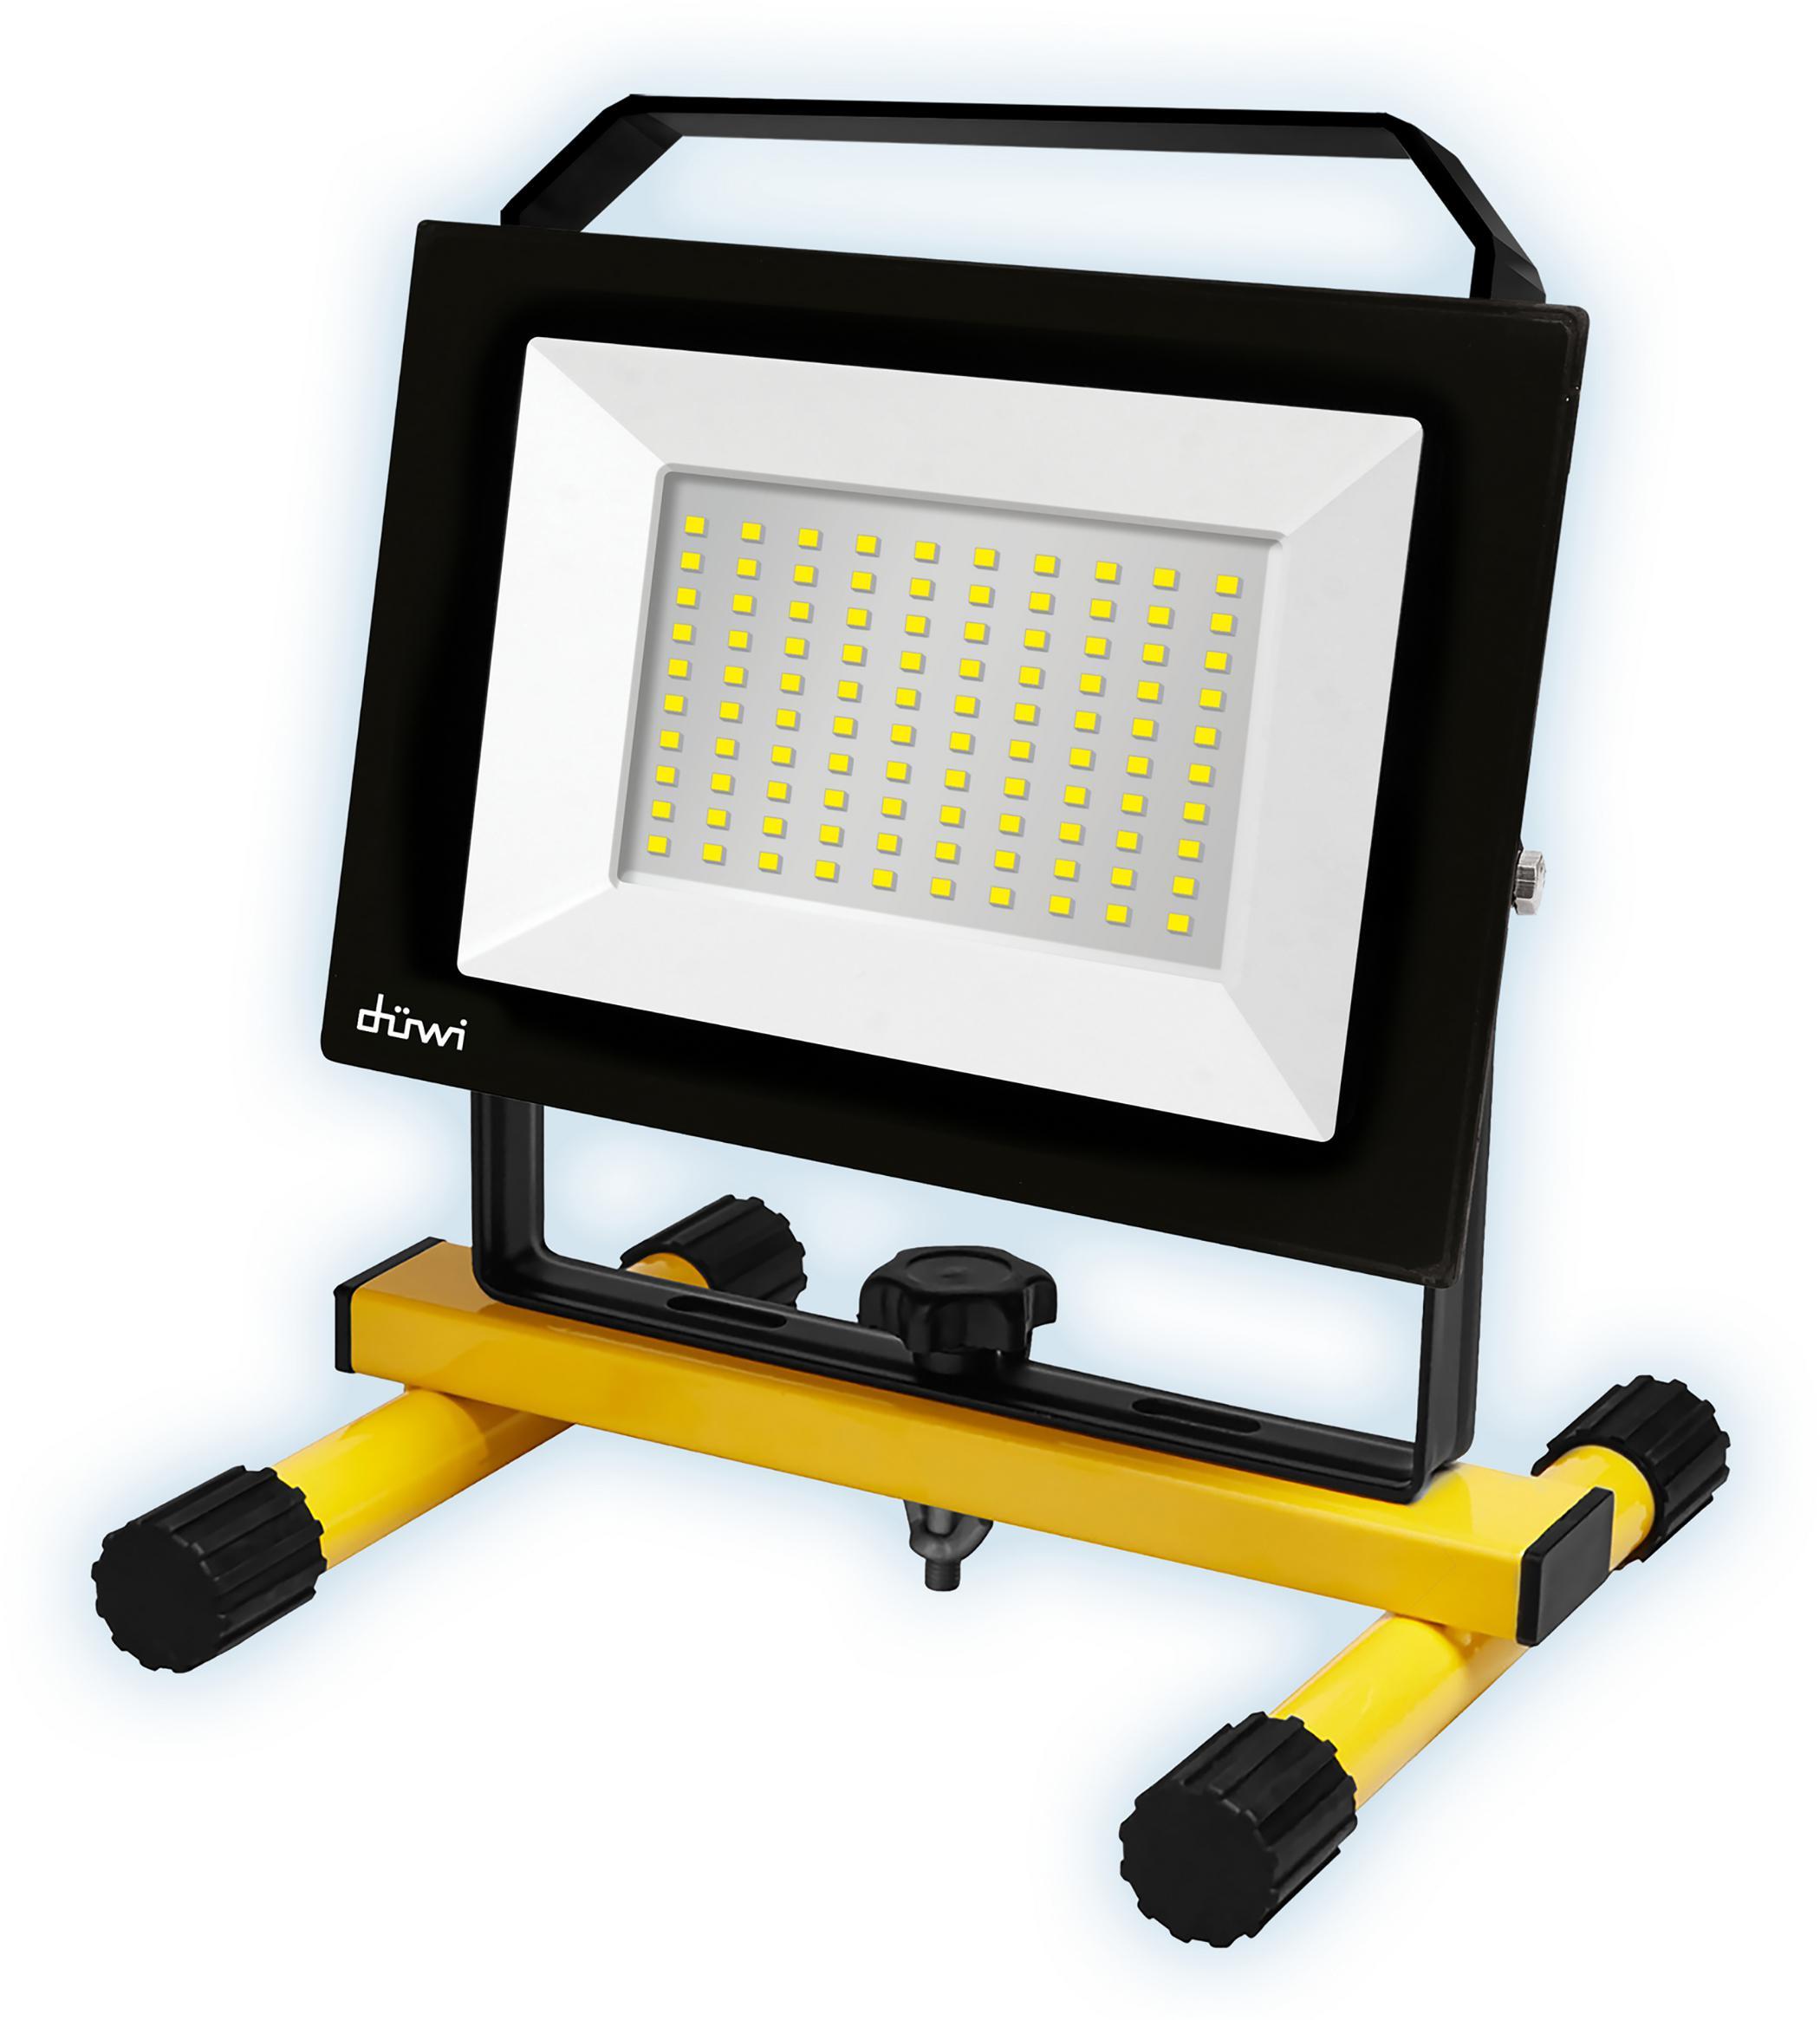 Прожектор аккумуляторный светодиодный Duwi 29140 4